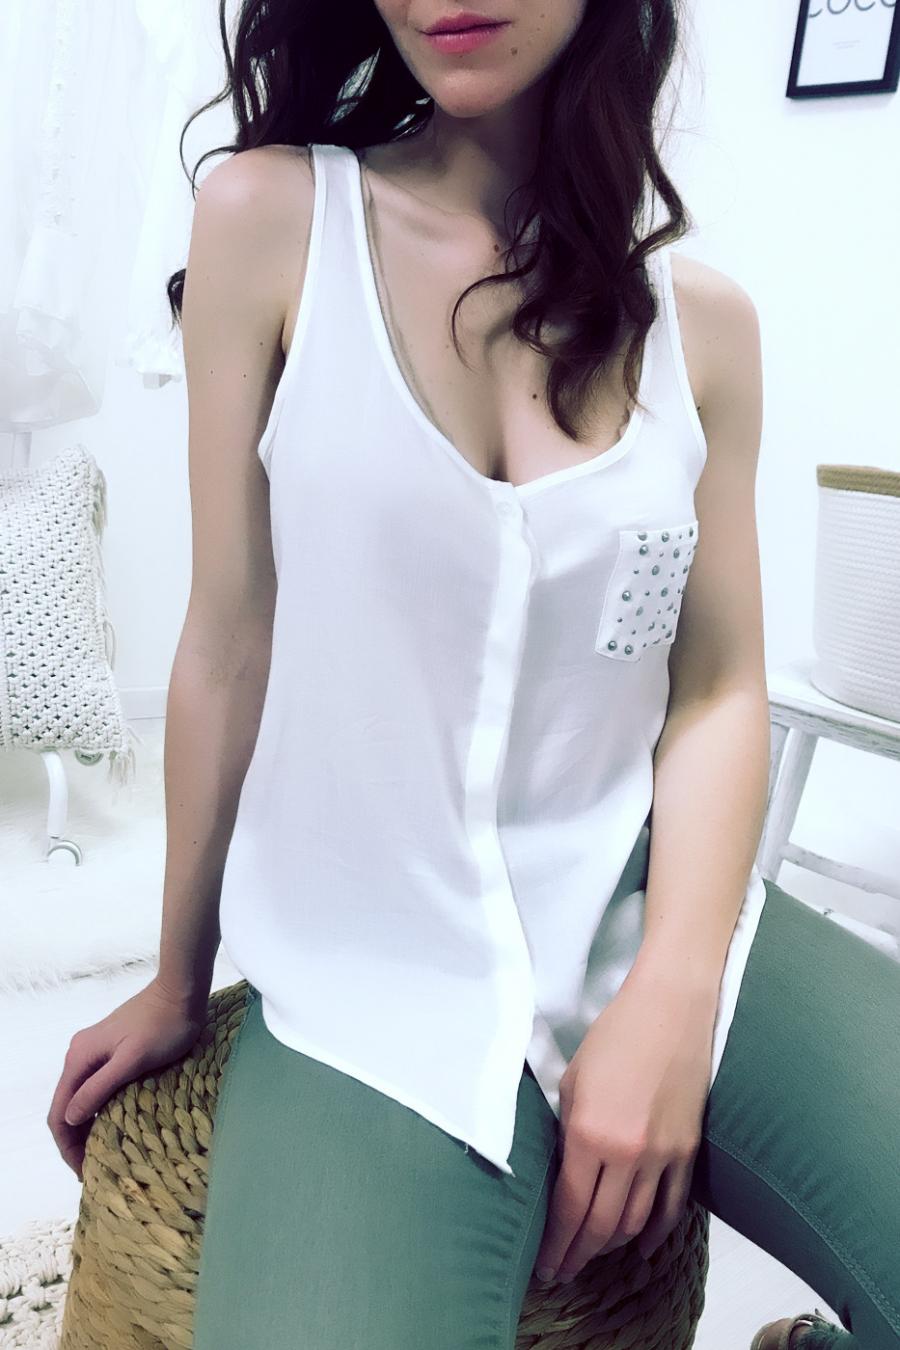 Chemisier sans manches Blanc à poche strass et dos dentelle. F2030